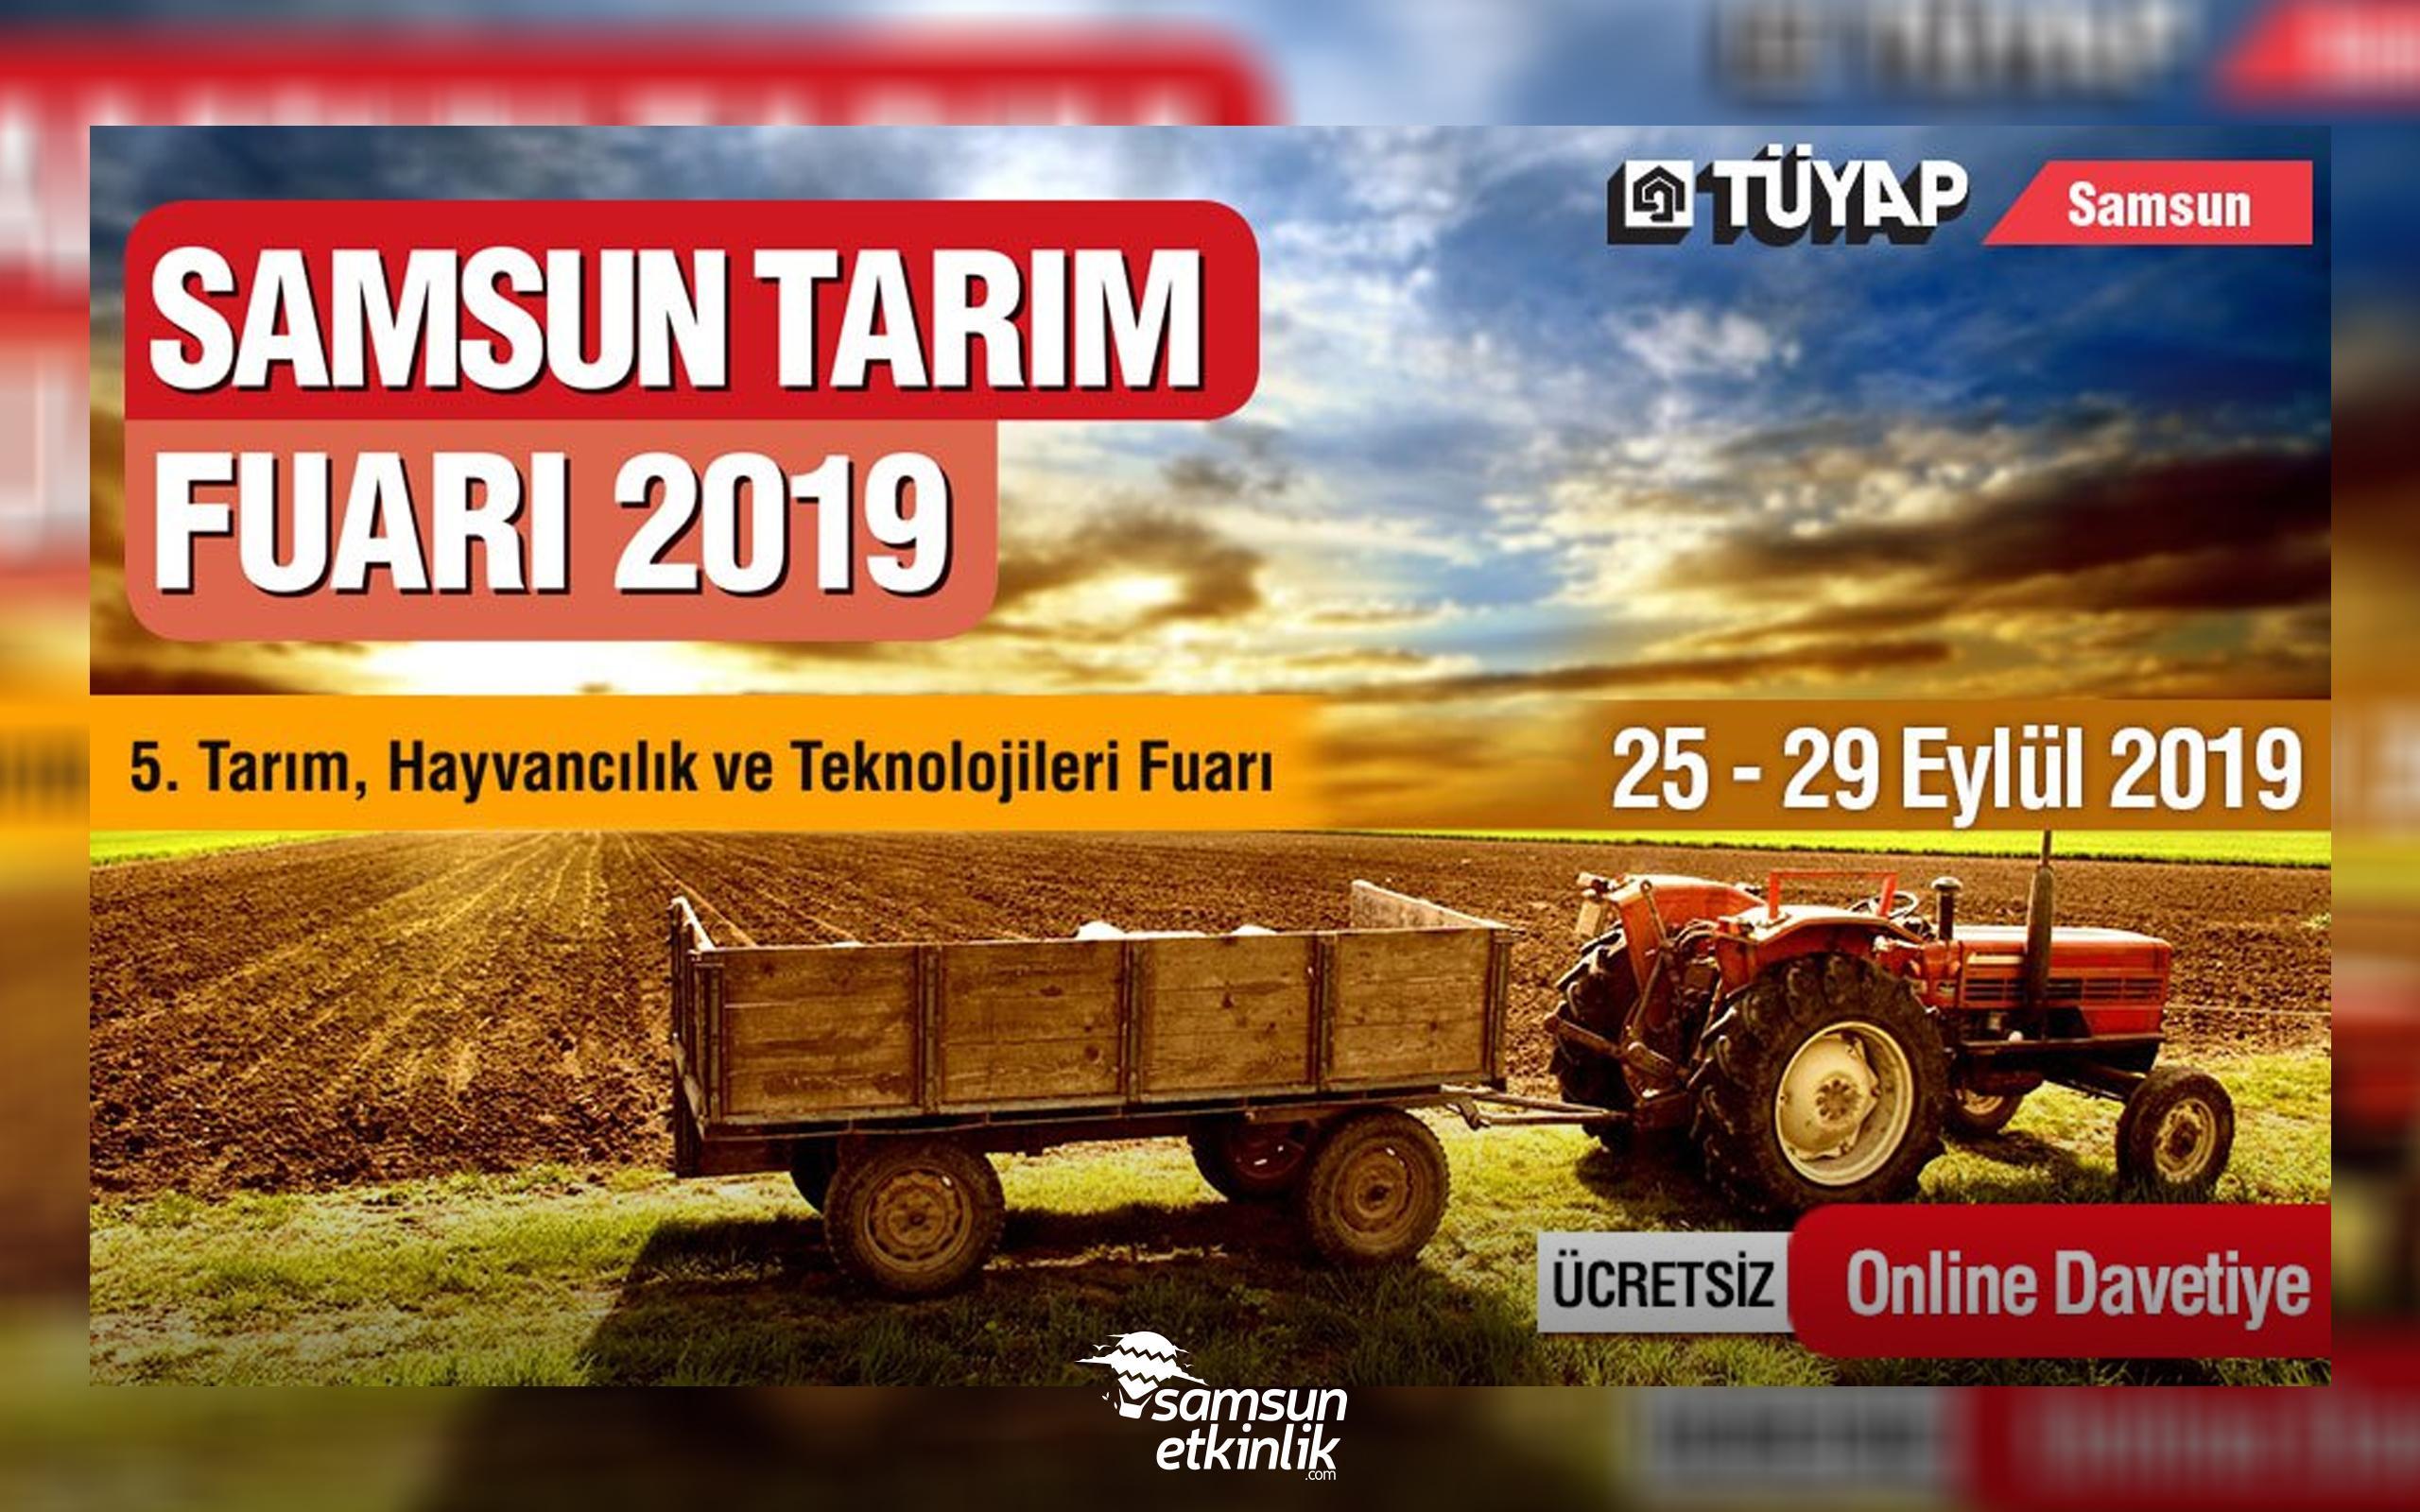 Samsun Tarım Fuarı 2019